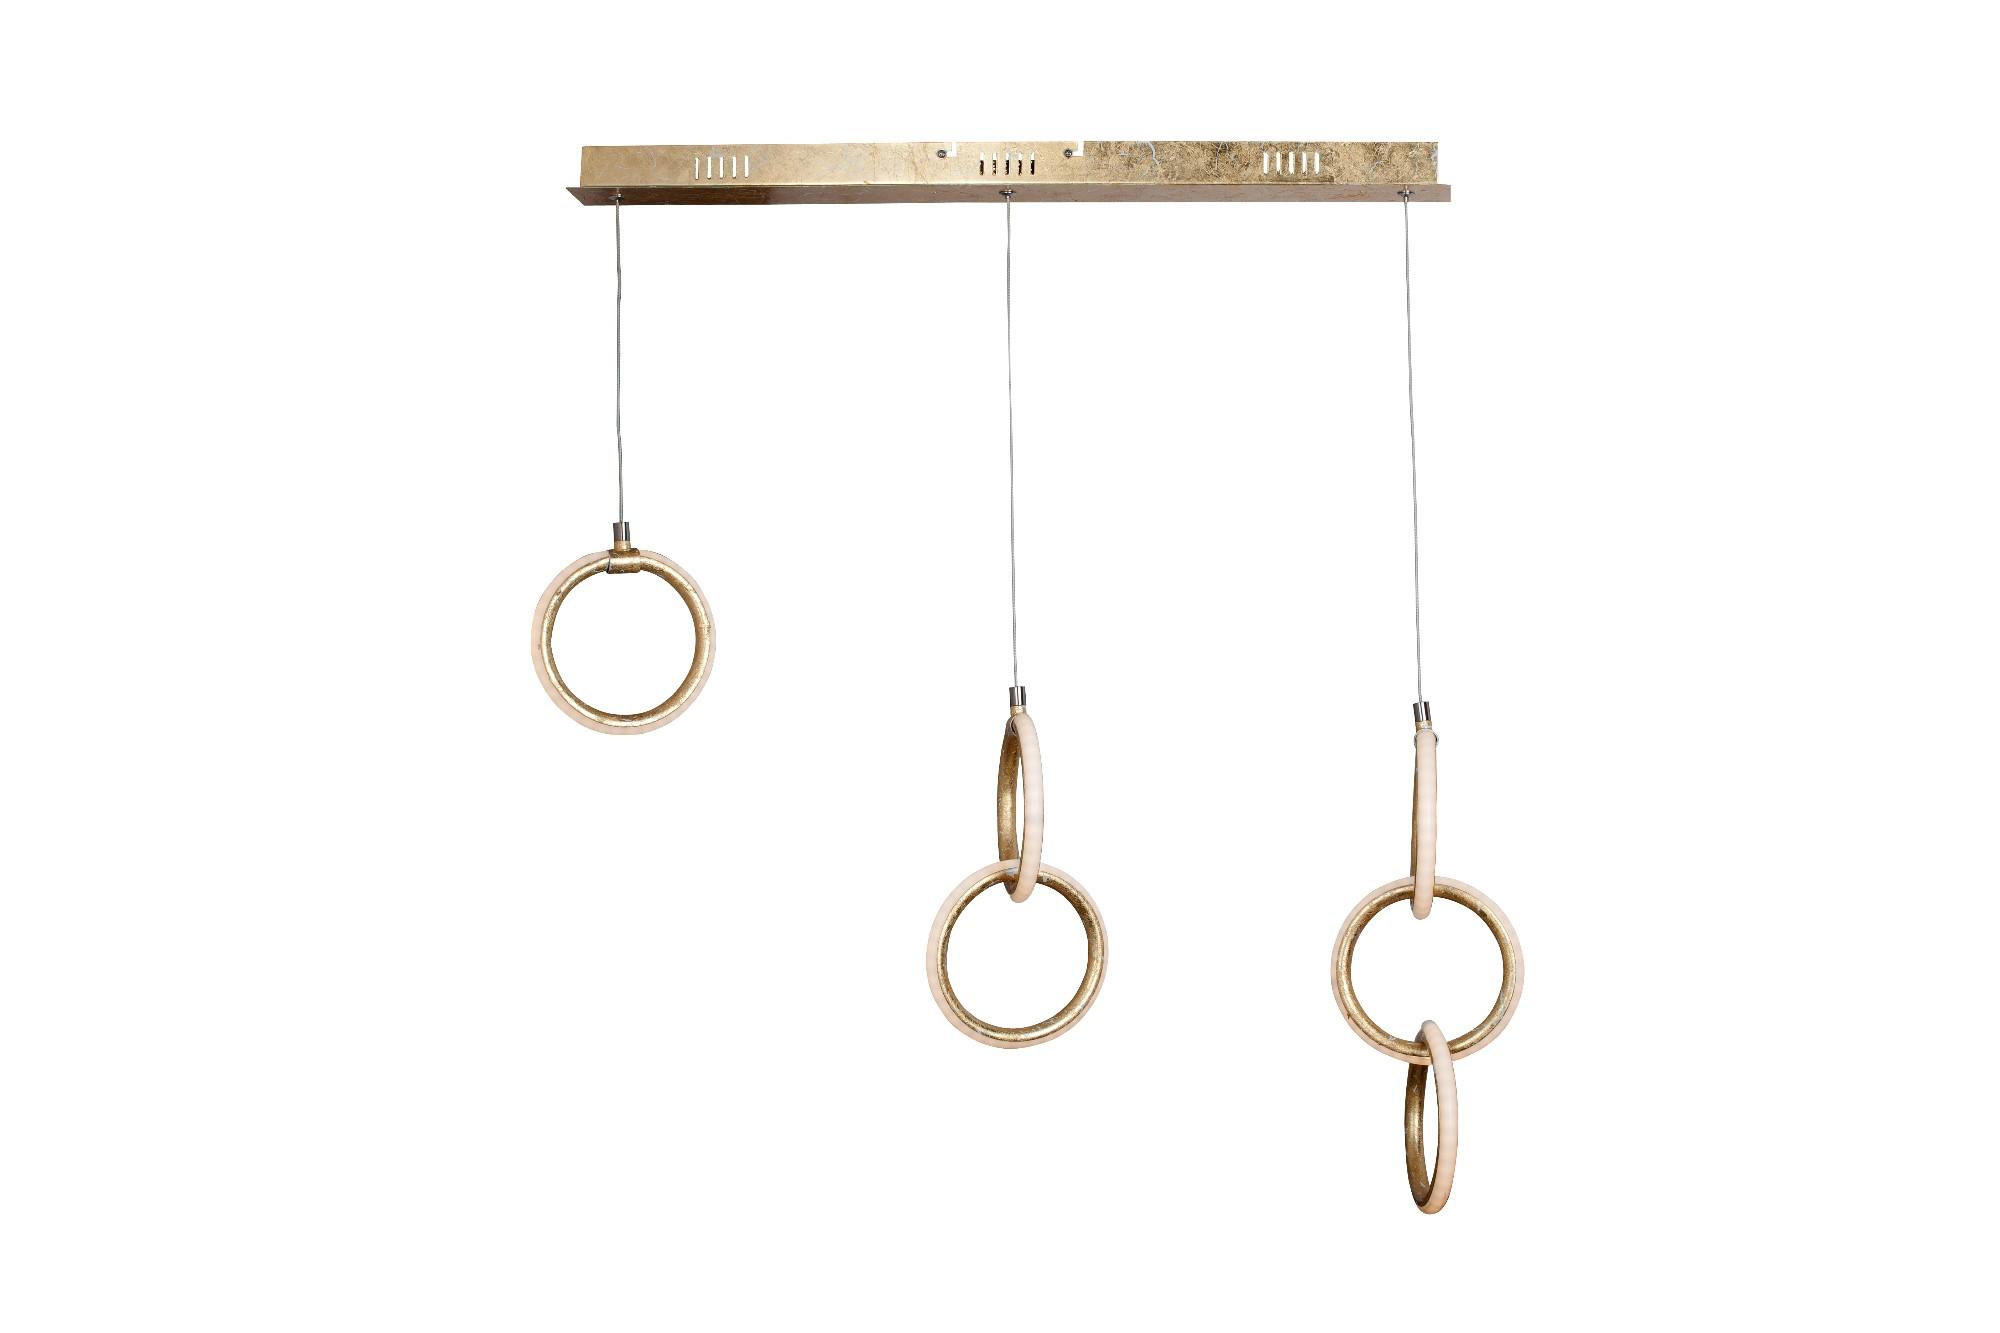 adjustable star chandelier pendant light fixture